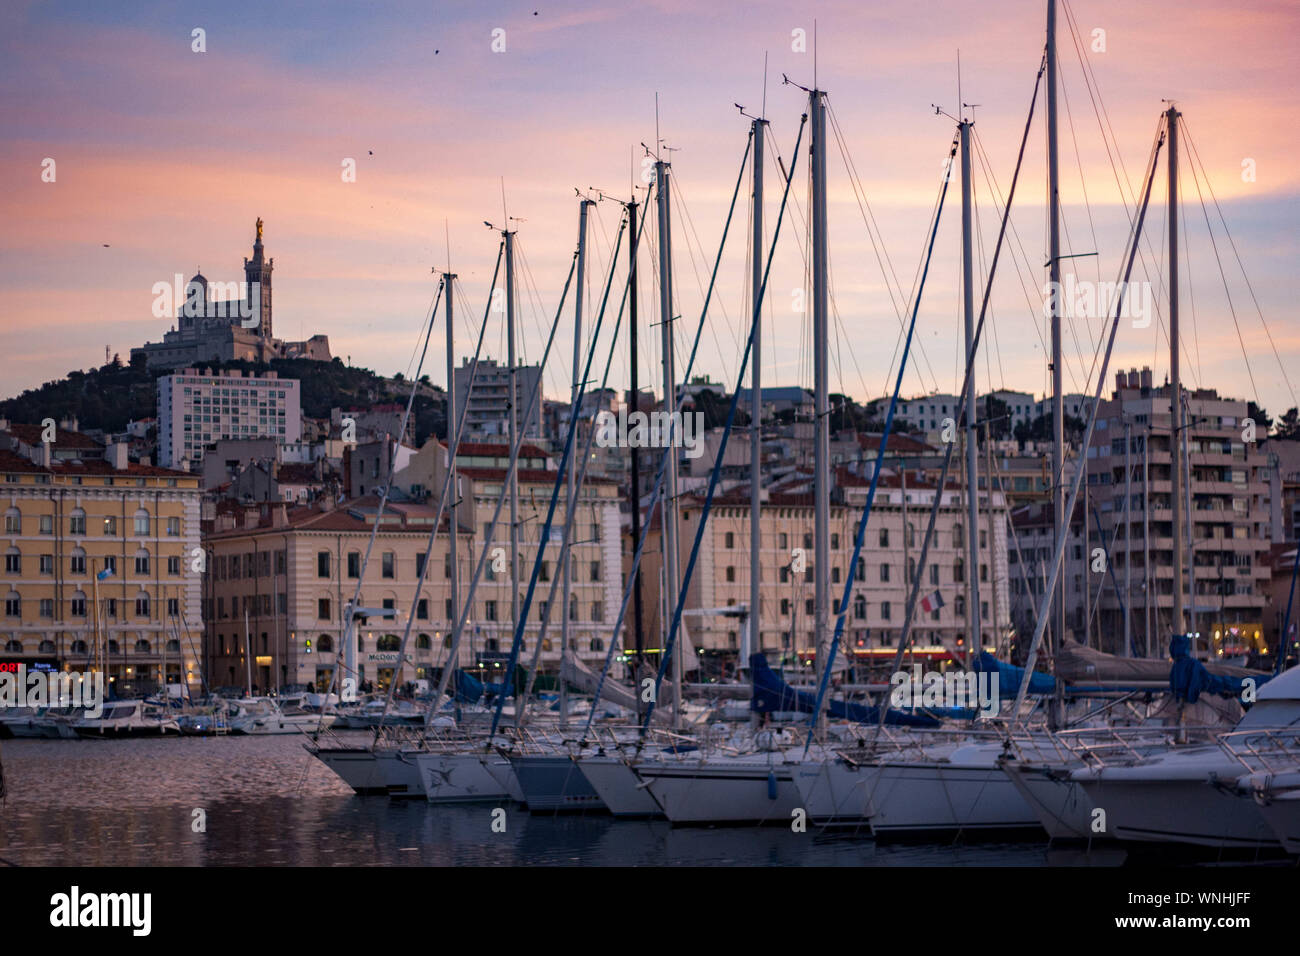 France Marseille Sailboats Sailing Stock Photos France Marseille